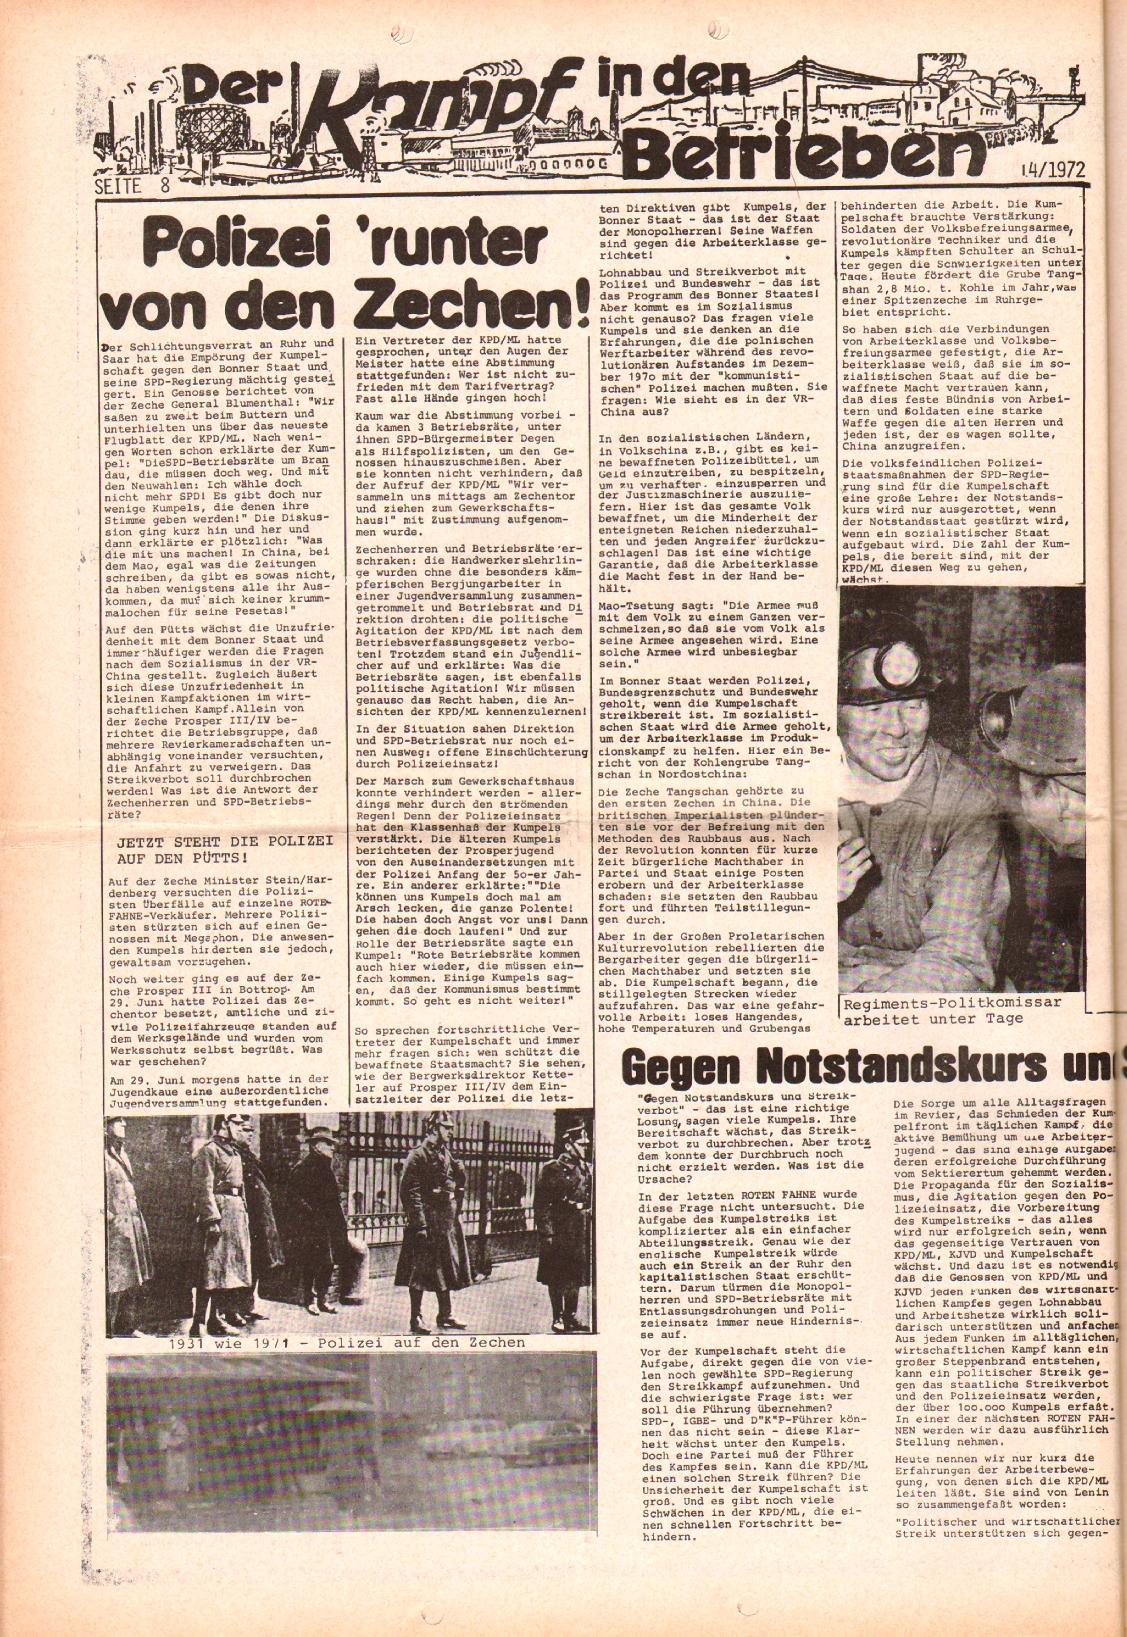 Rote Fahne, 3. Jg., 10.7.1972, Nr. 14, Seite 8